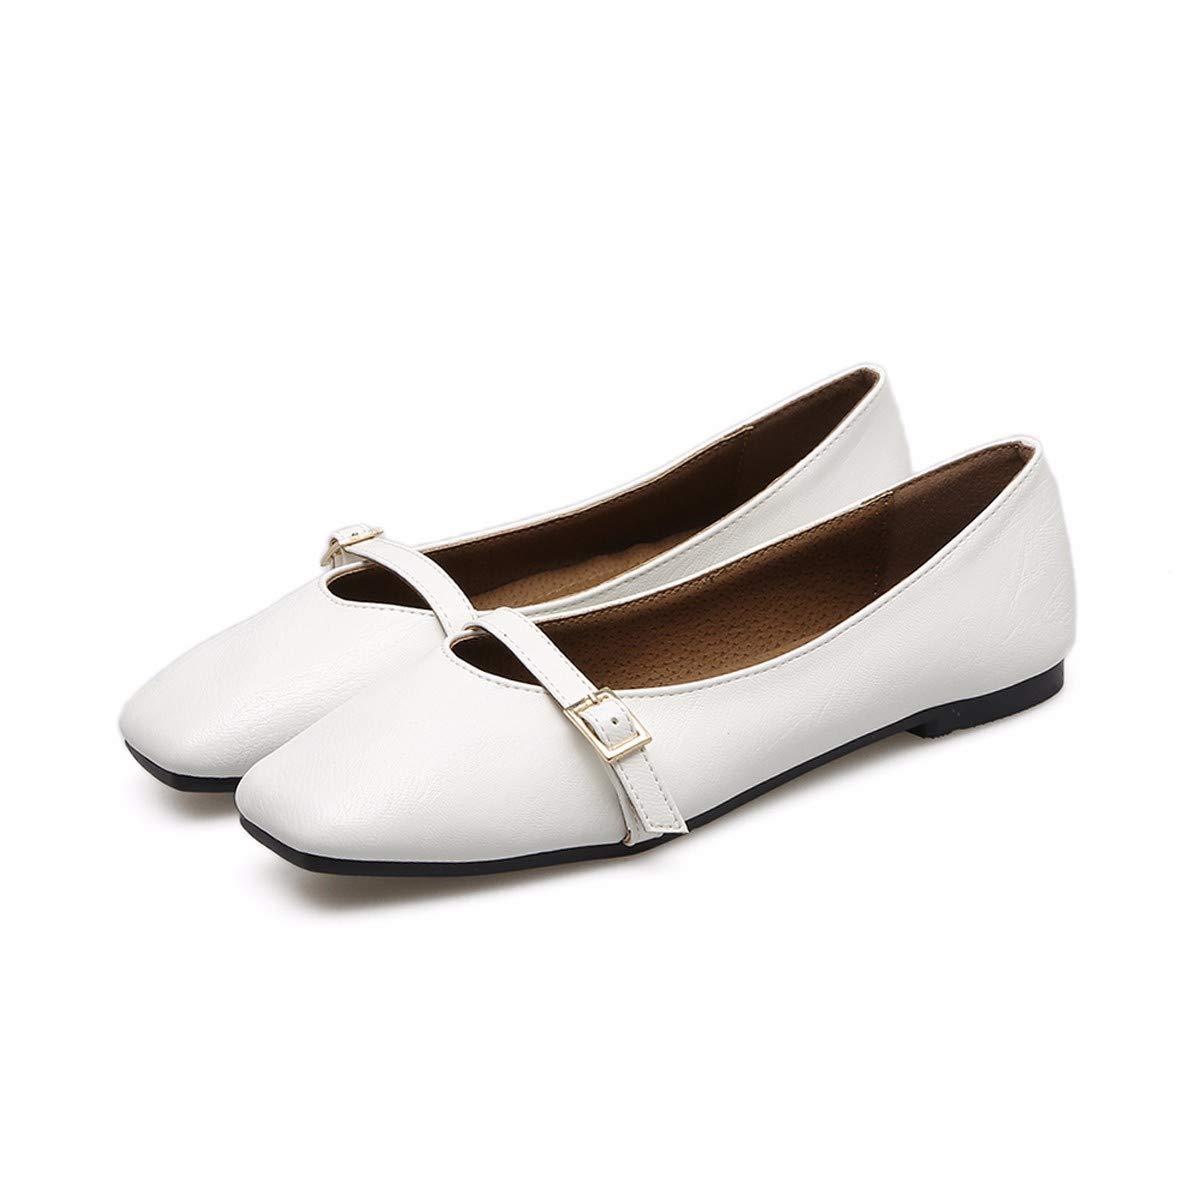 KPHY-Flache Sohle Schuhe Weiblich Flachen Mund Platz Kopf Oma Schuhe Weichen Boden Schwangere Flache Sohle Schuhe.39 Weiße